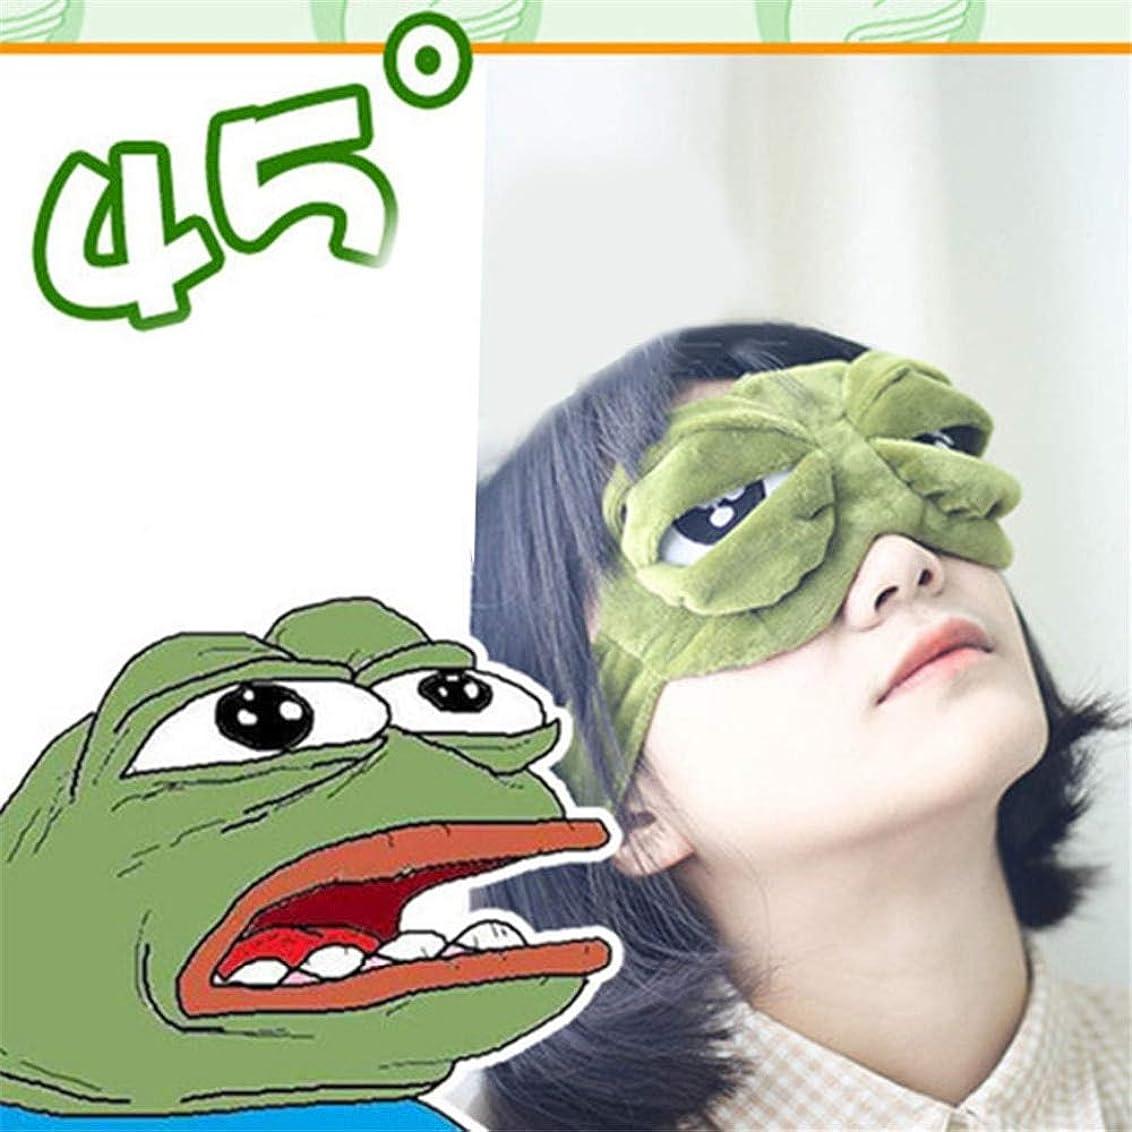 すずめ話すパンダNOTE 3d悲しいカエル睡眠マスクかわいい休息旅行リラックス睡眠補助薬目隠しアイスカバーアイパッチ睡眠マスクアニメコスプレ衣装